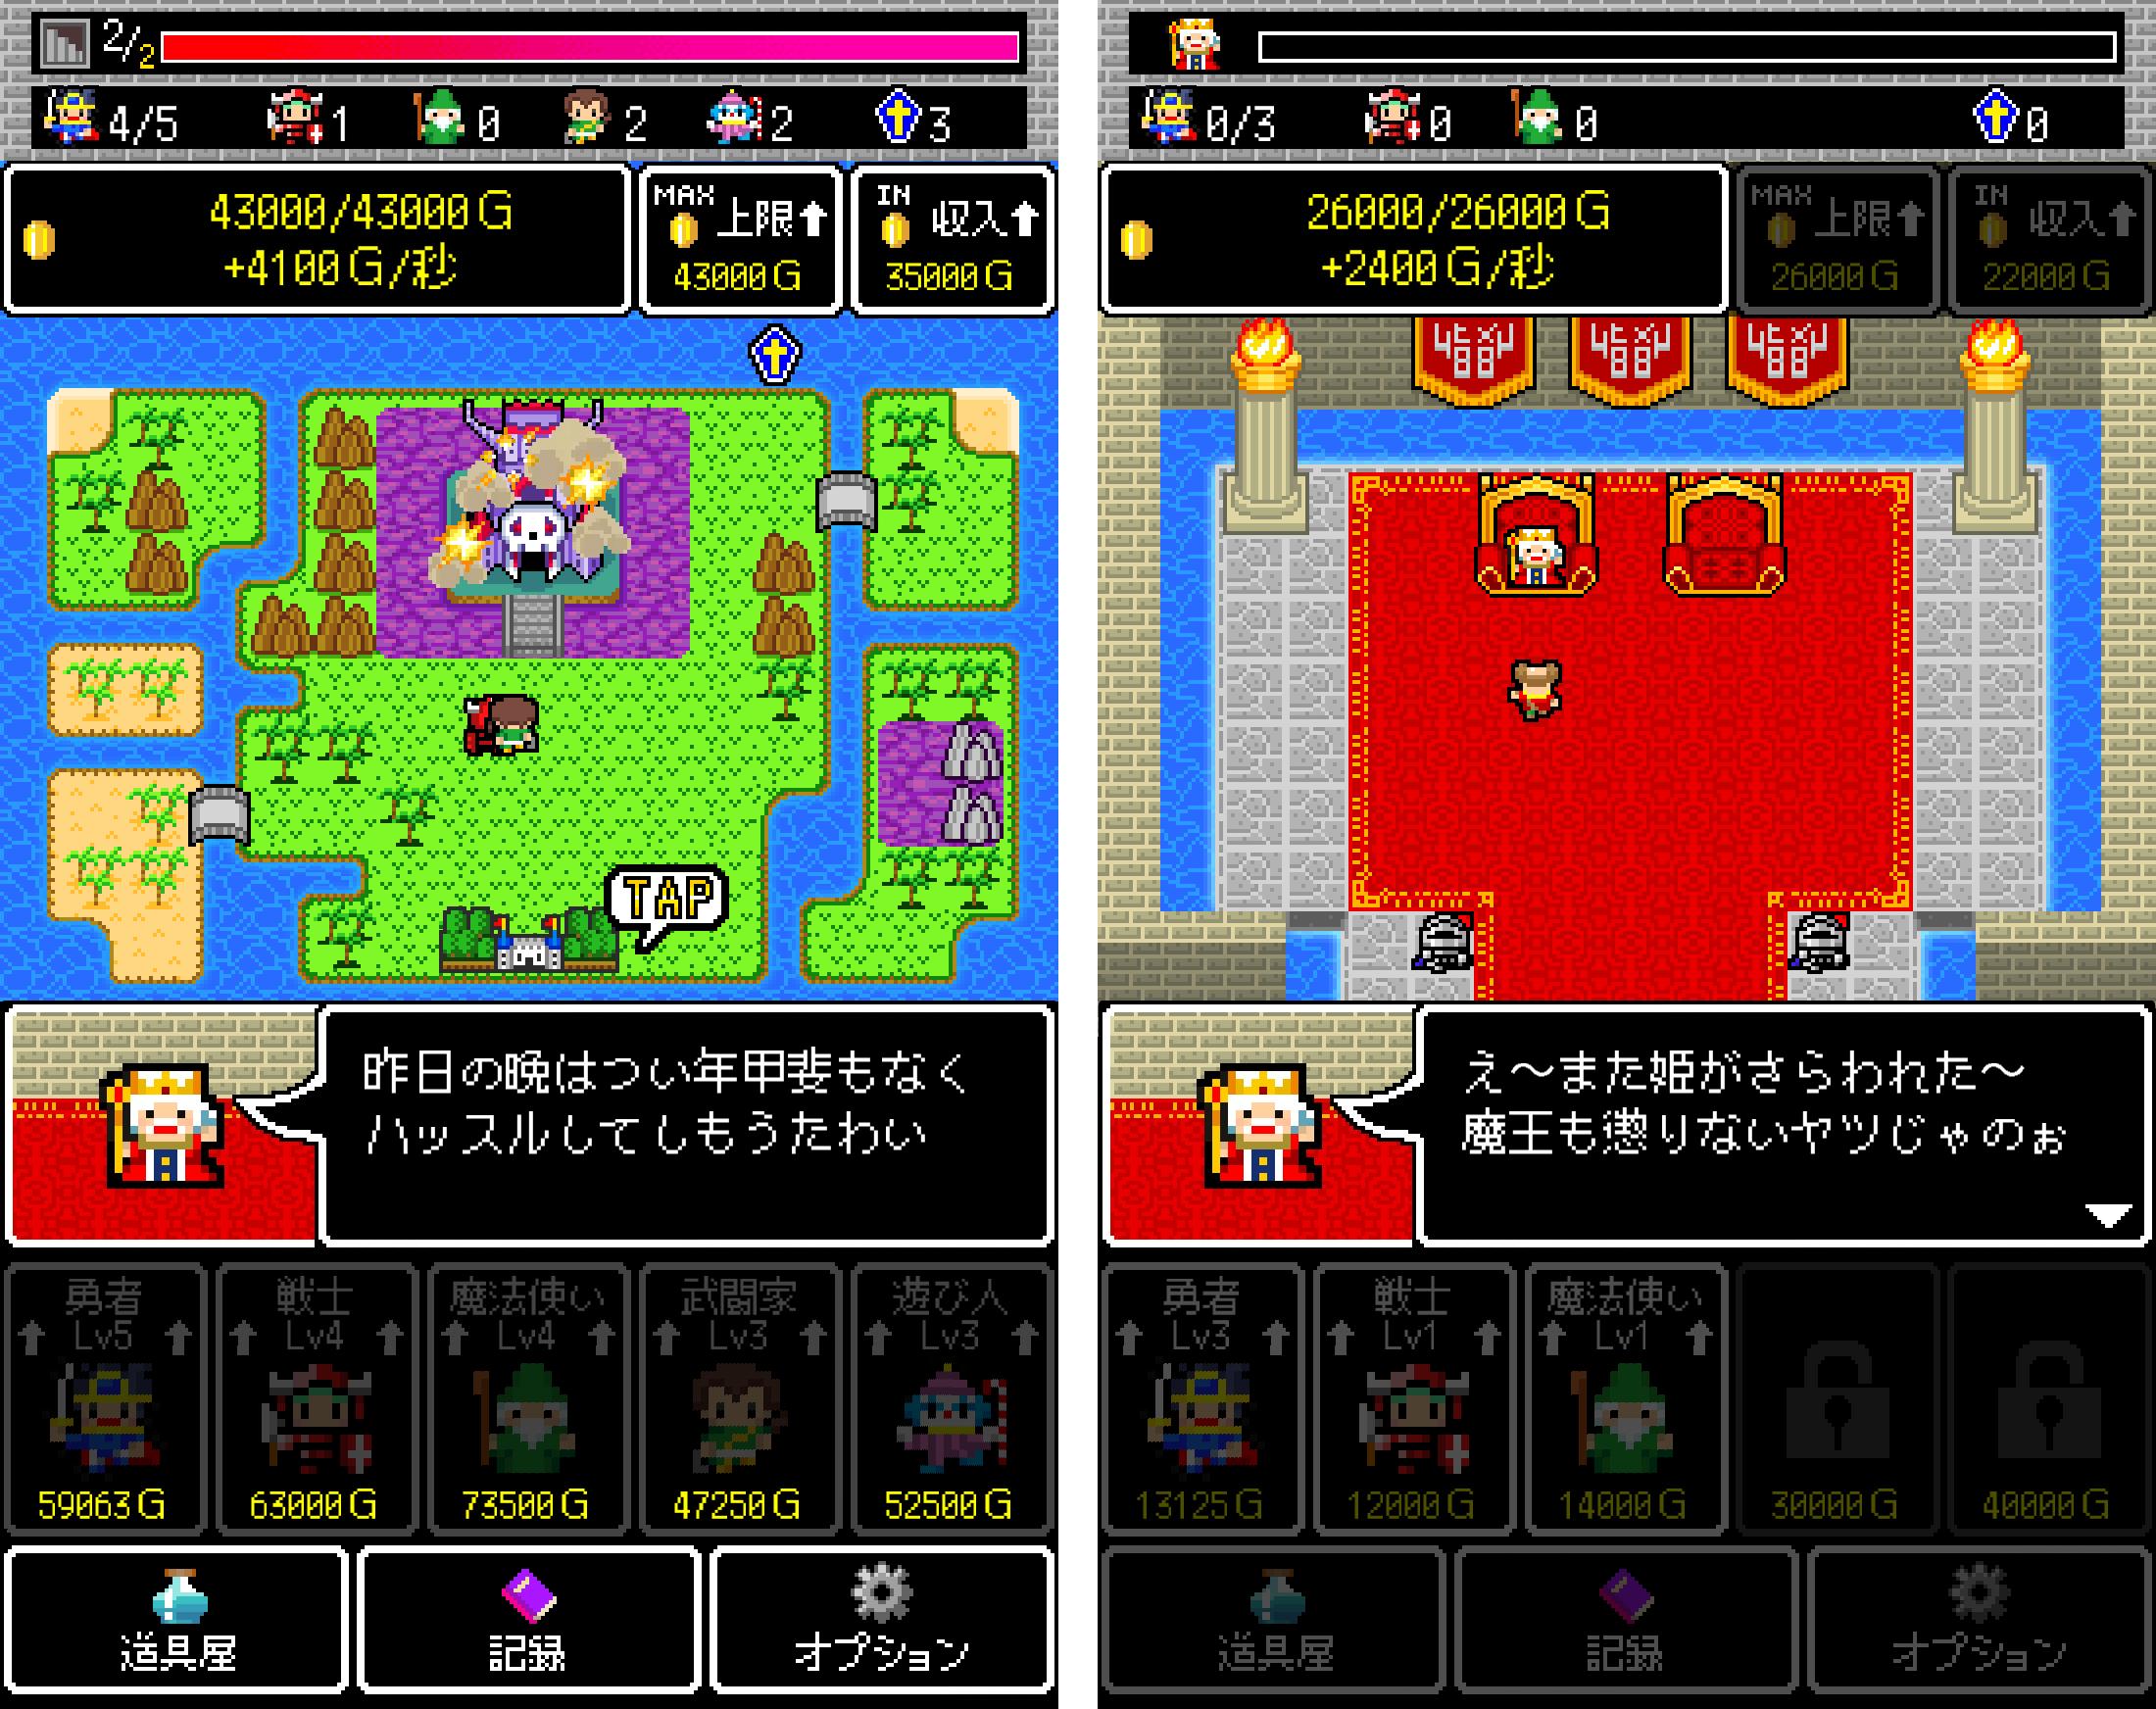 魔王クエスト androidアプリスクリーンショット2